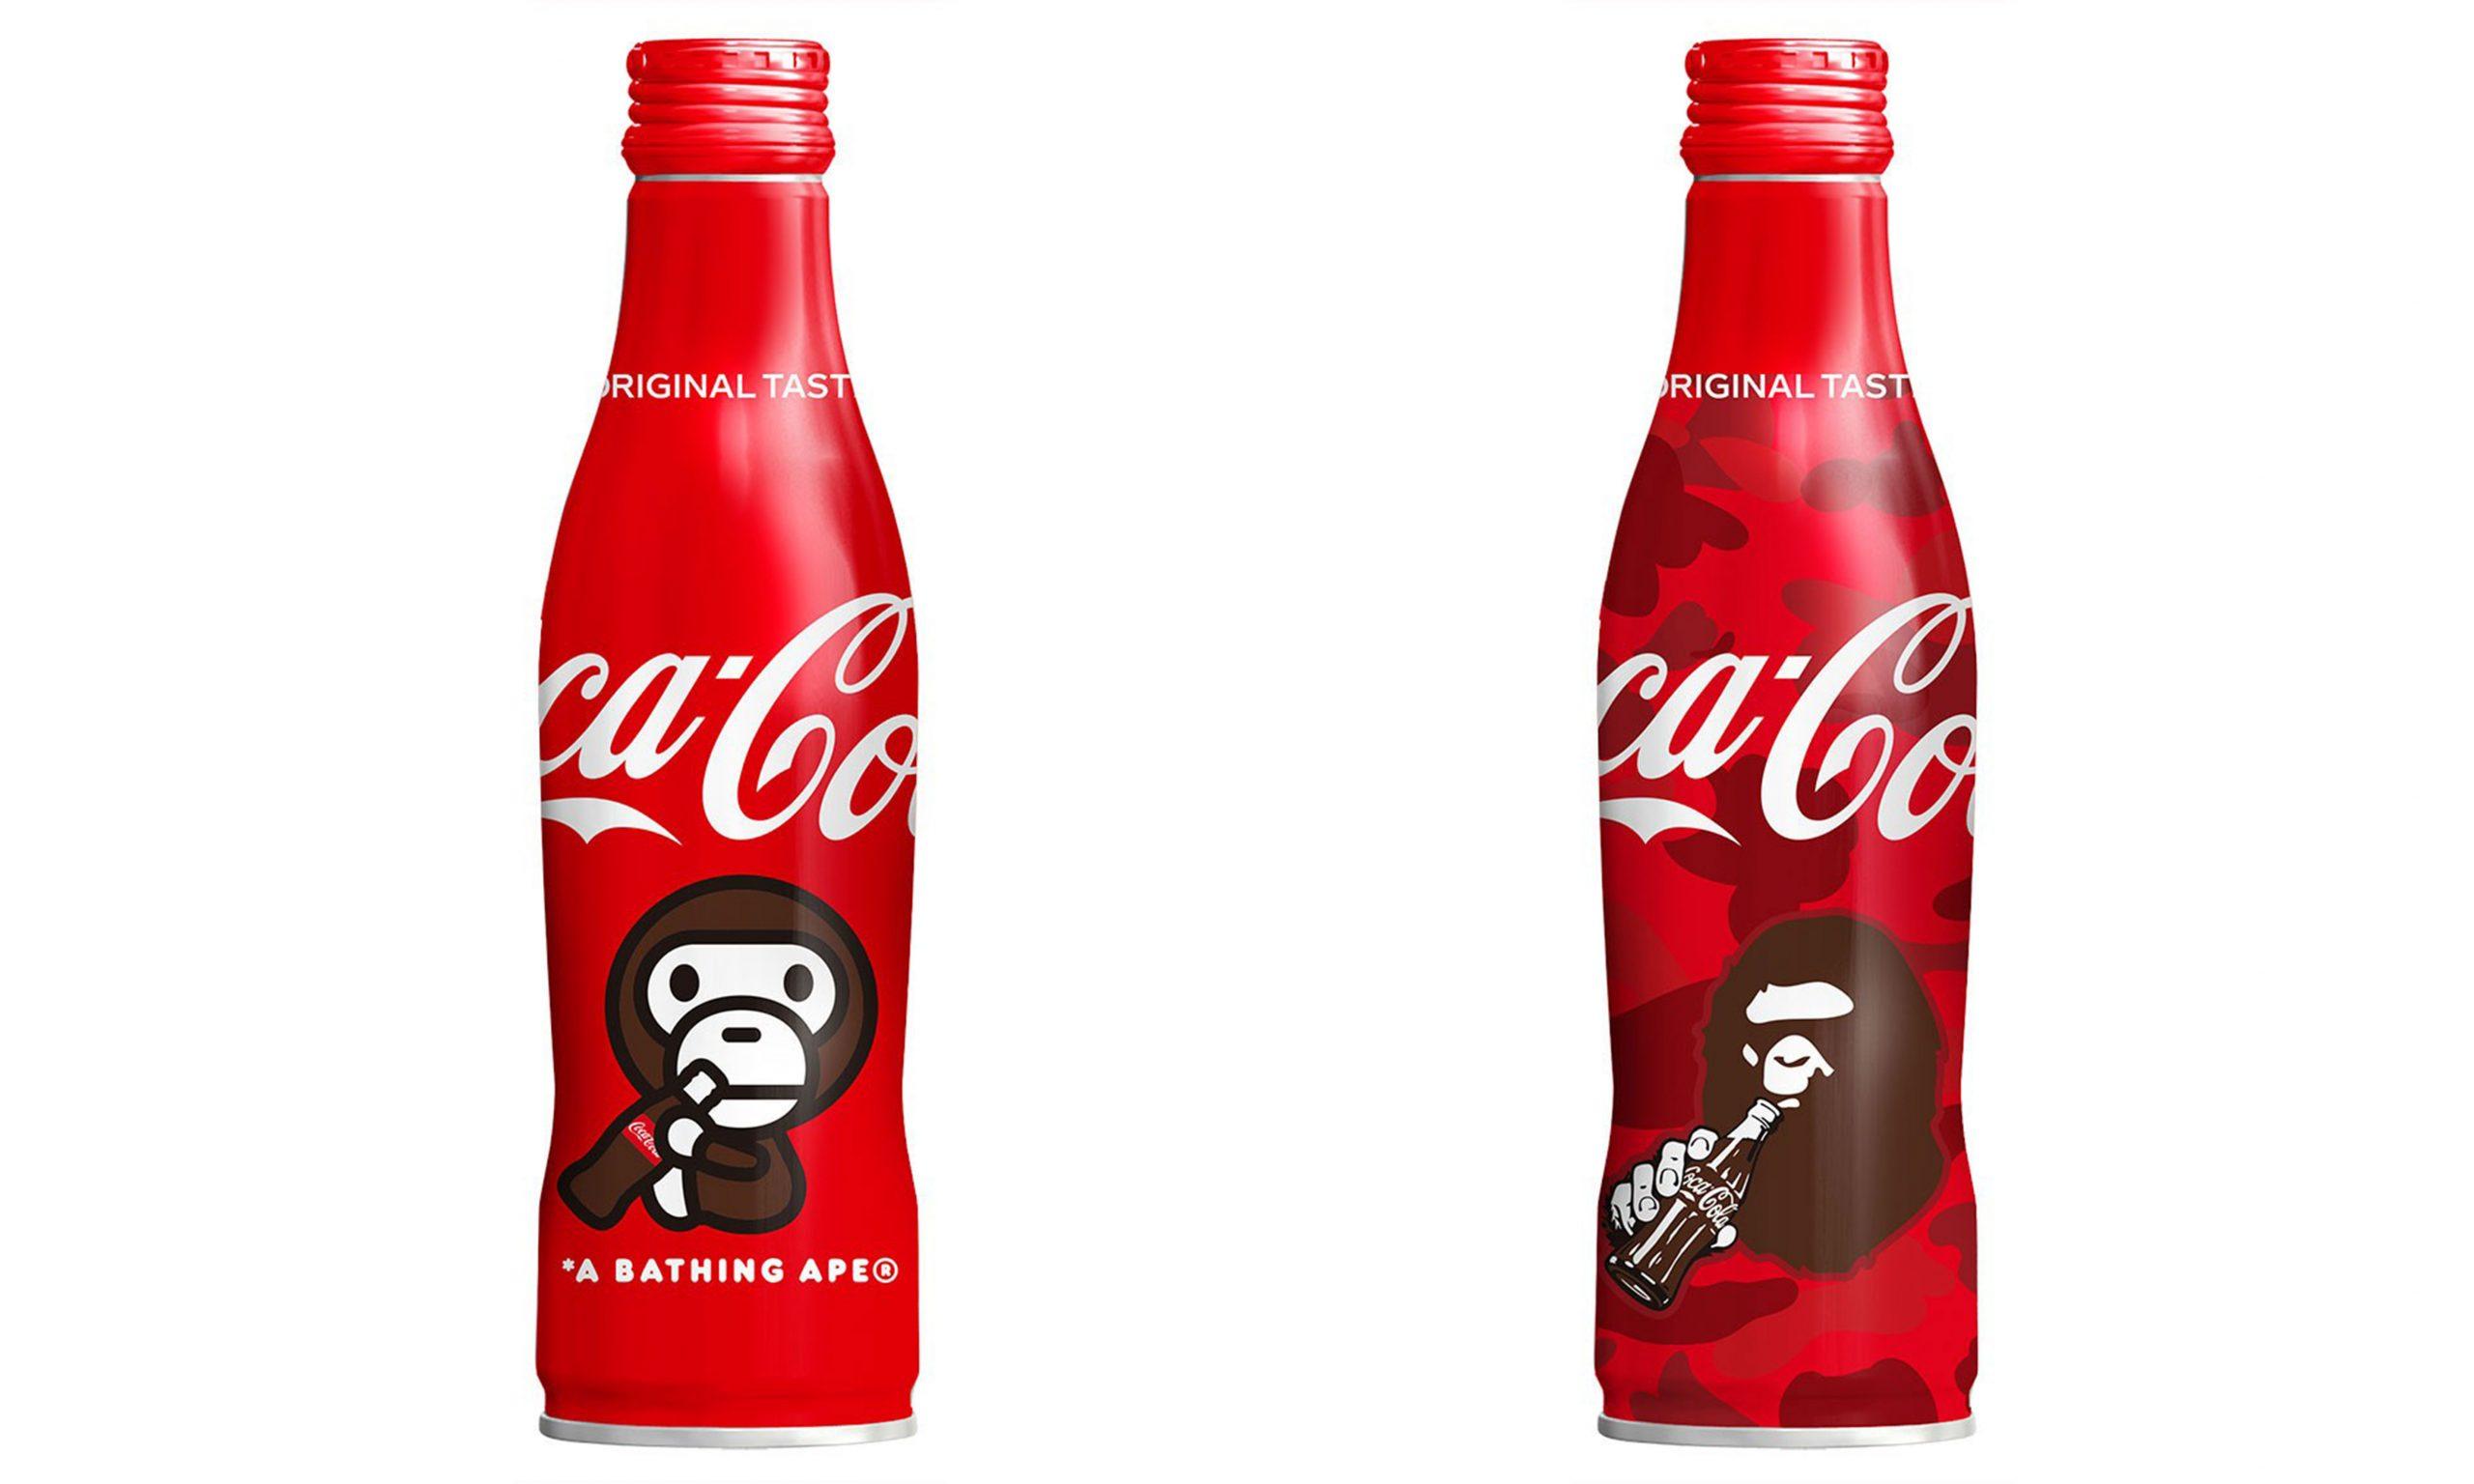 可口可乐与 A BATHING APE® 合作发布饮料瓶